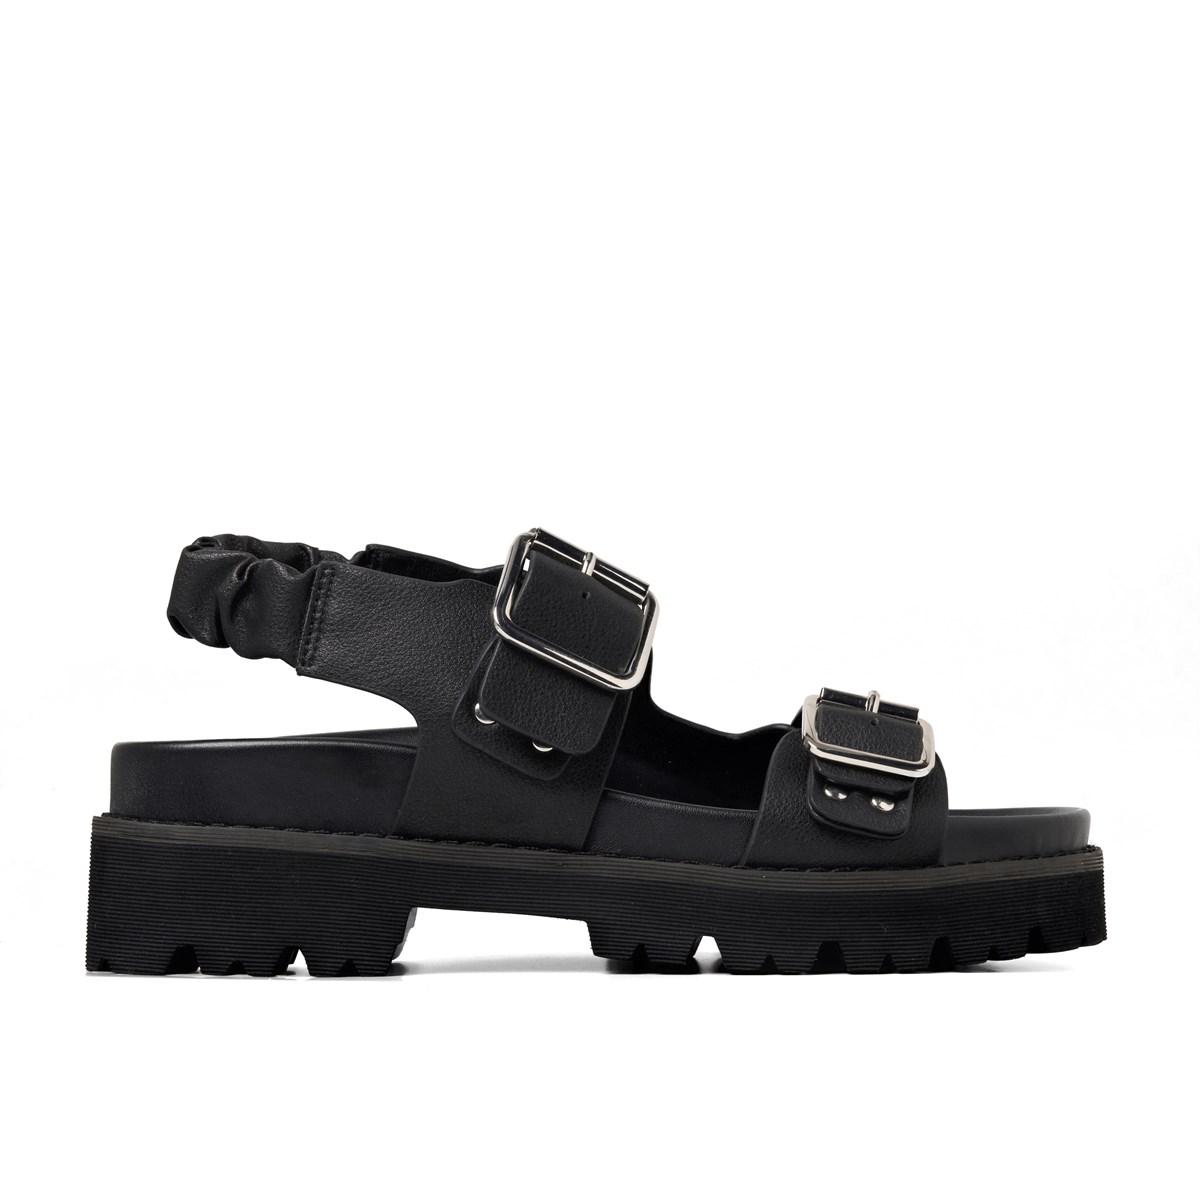 [新入荷]JUNE-11258-BLACK ジューン ブラック